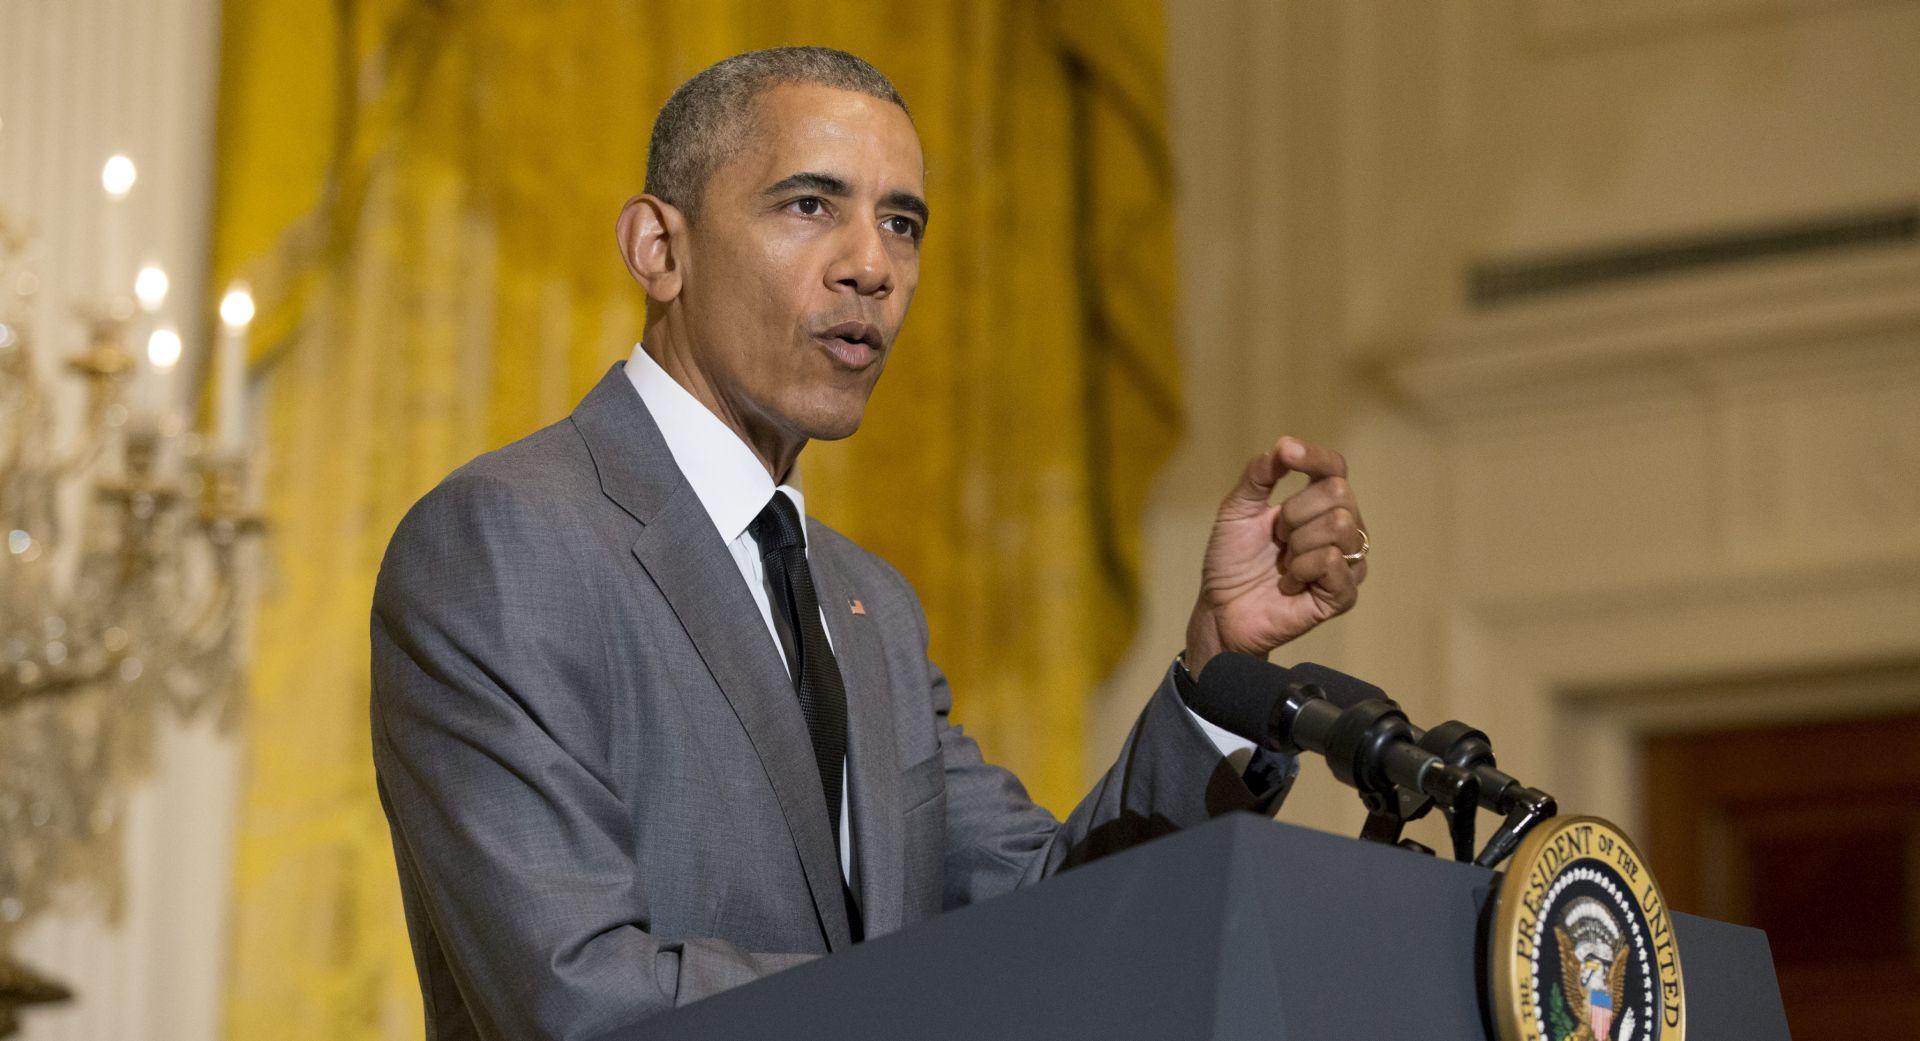 Obama nakon puča pozvao sve strane u Turskoj da poštuju pravnu državu